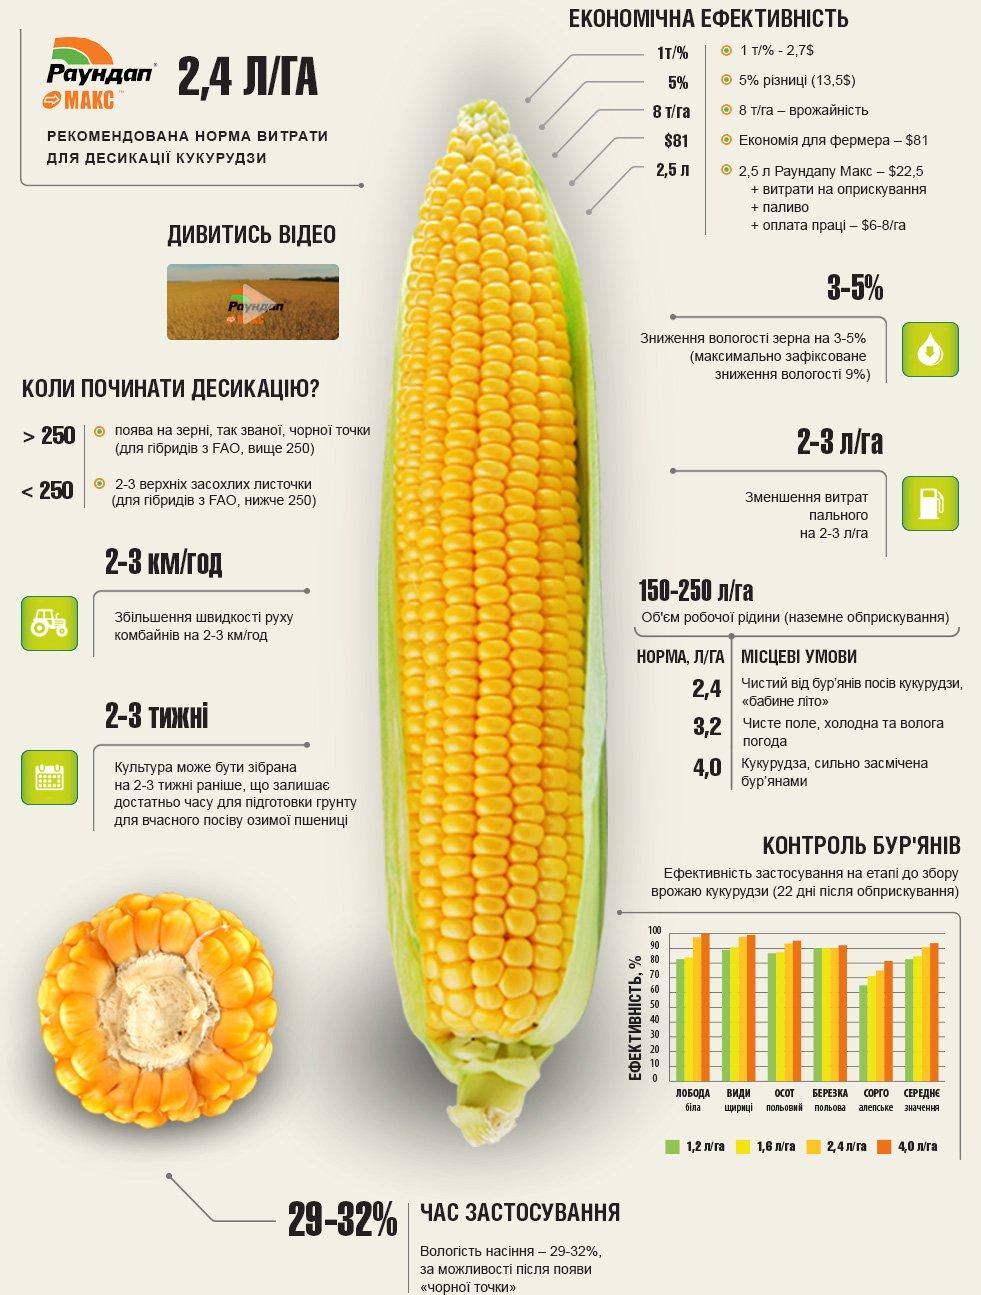 Десикація кукурудзи